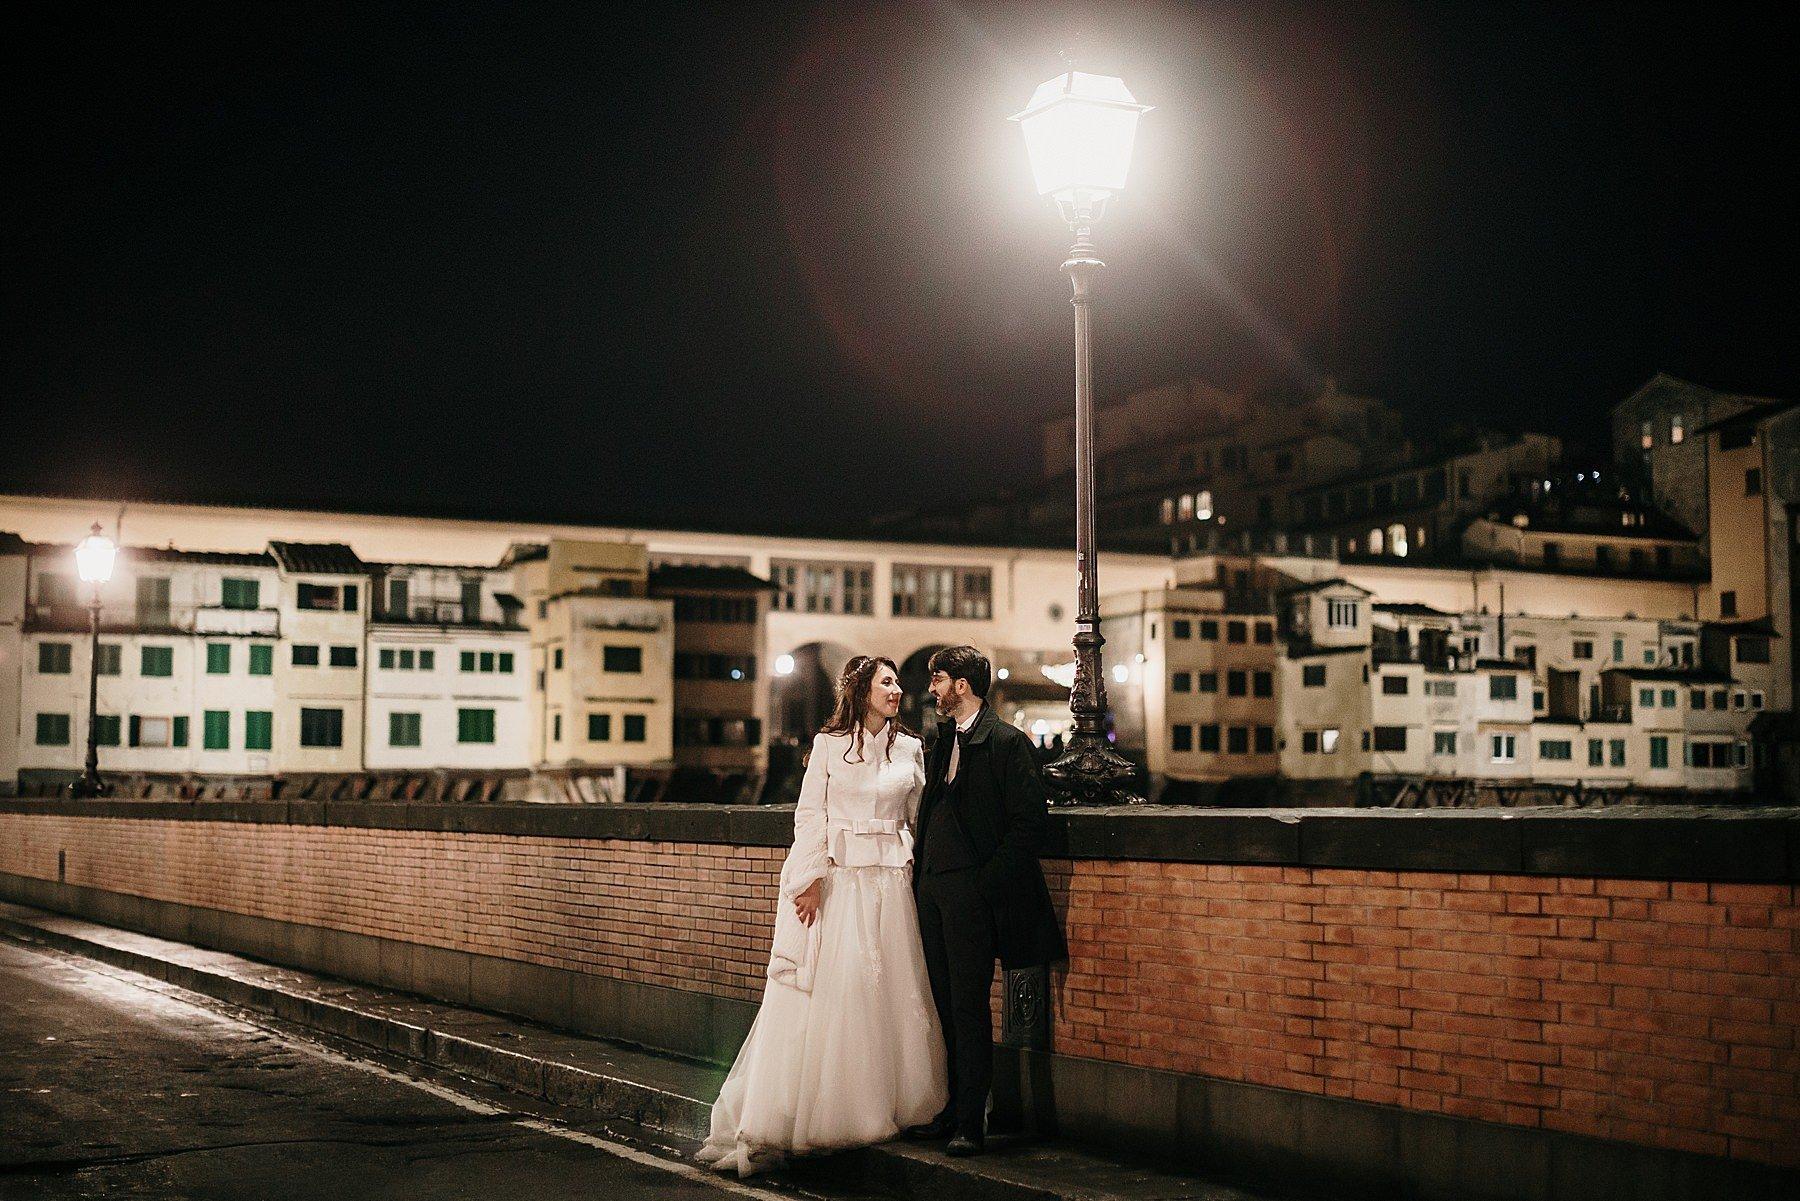 fotografia di matrimonio a firenze in inverno 776